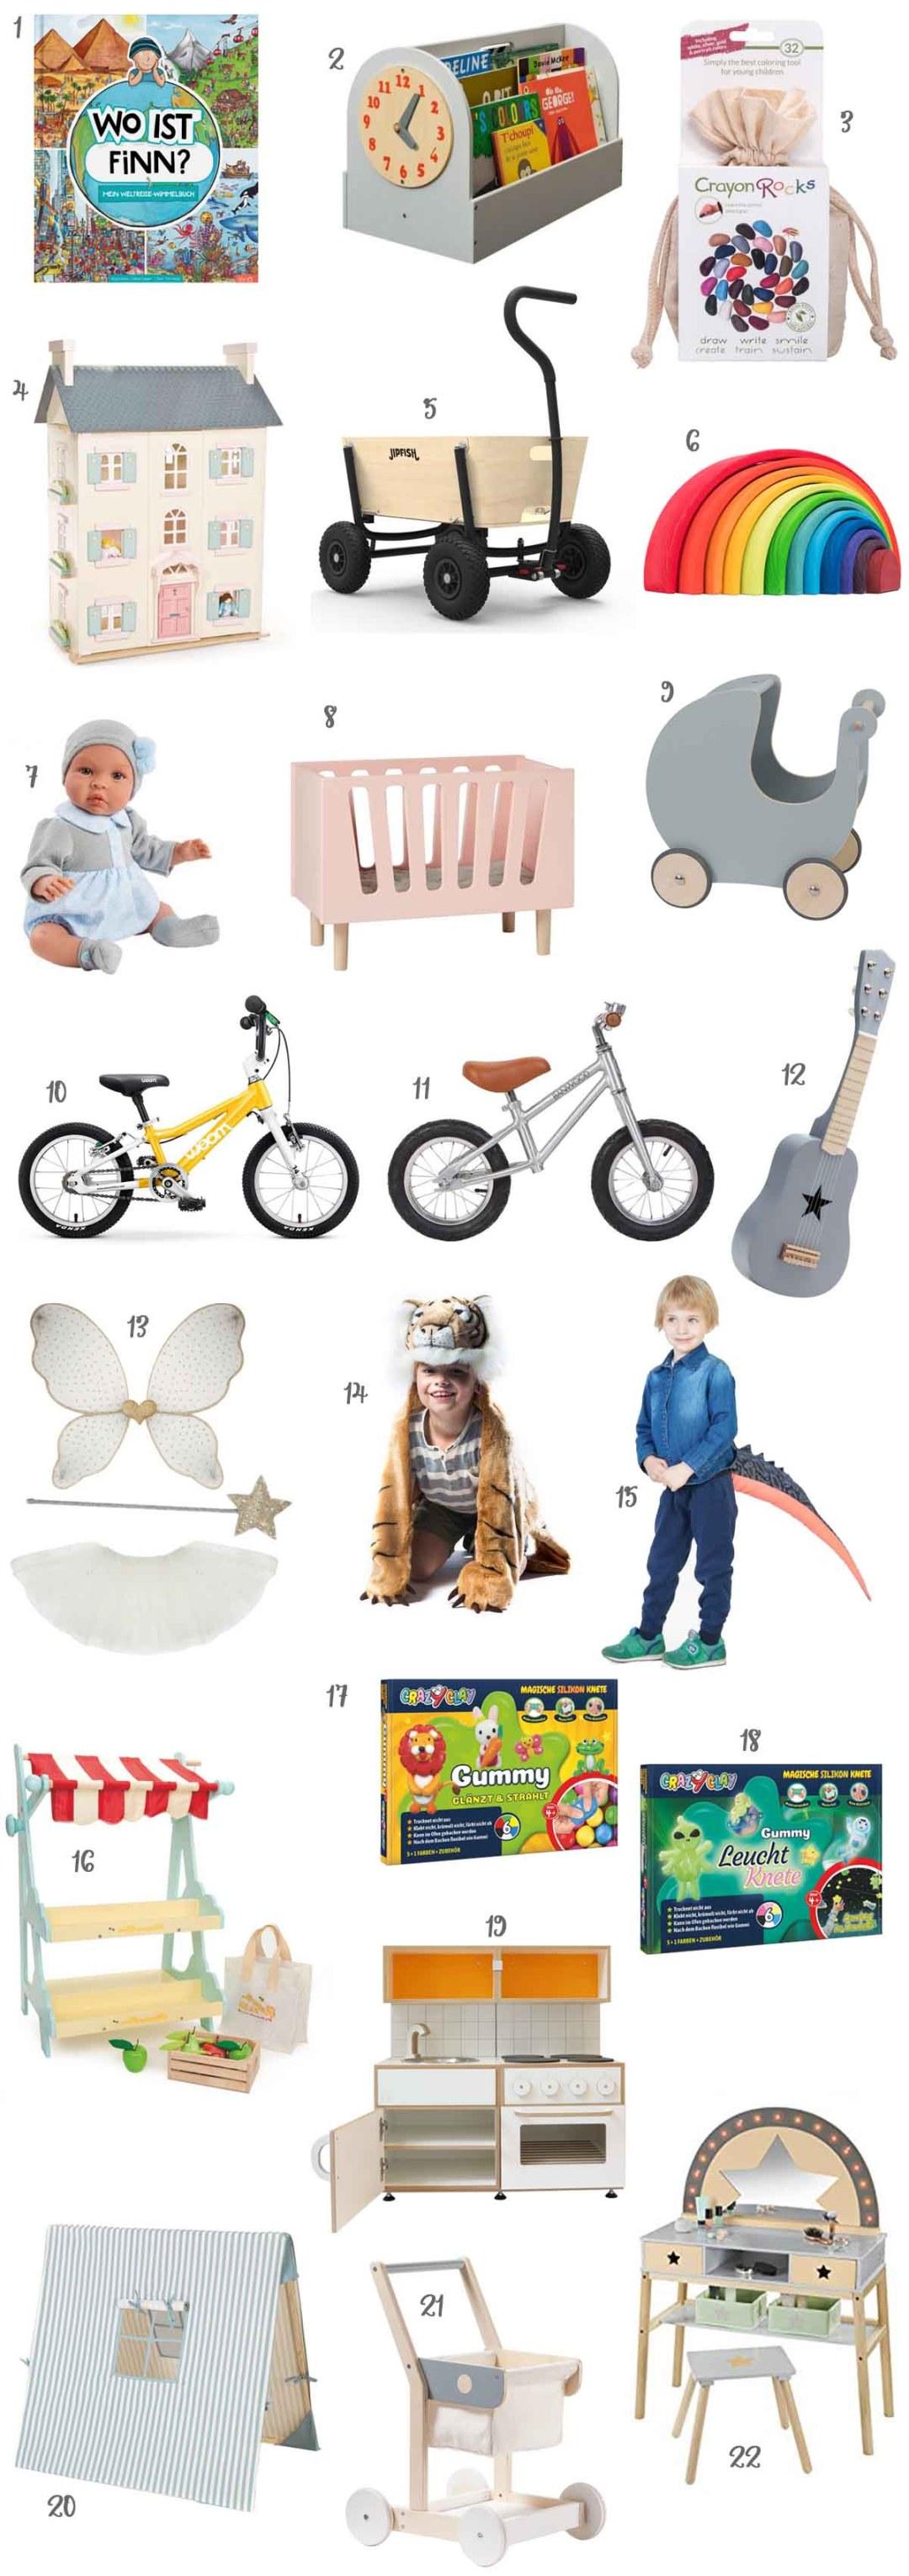 Das sind die coolsten Weihnachtsgeschenke für Kinder im Jahr 2018 #weihnachten #weihnachtsgeschenke #geschenkefürkinder